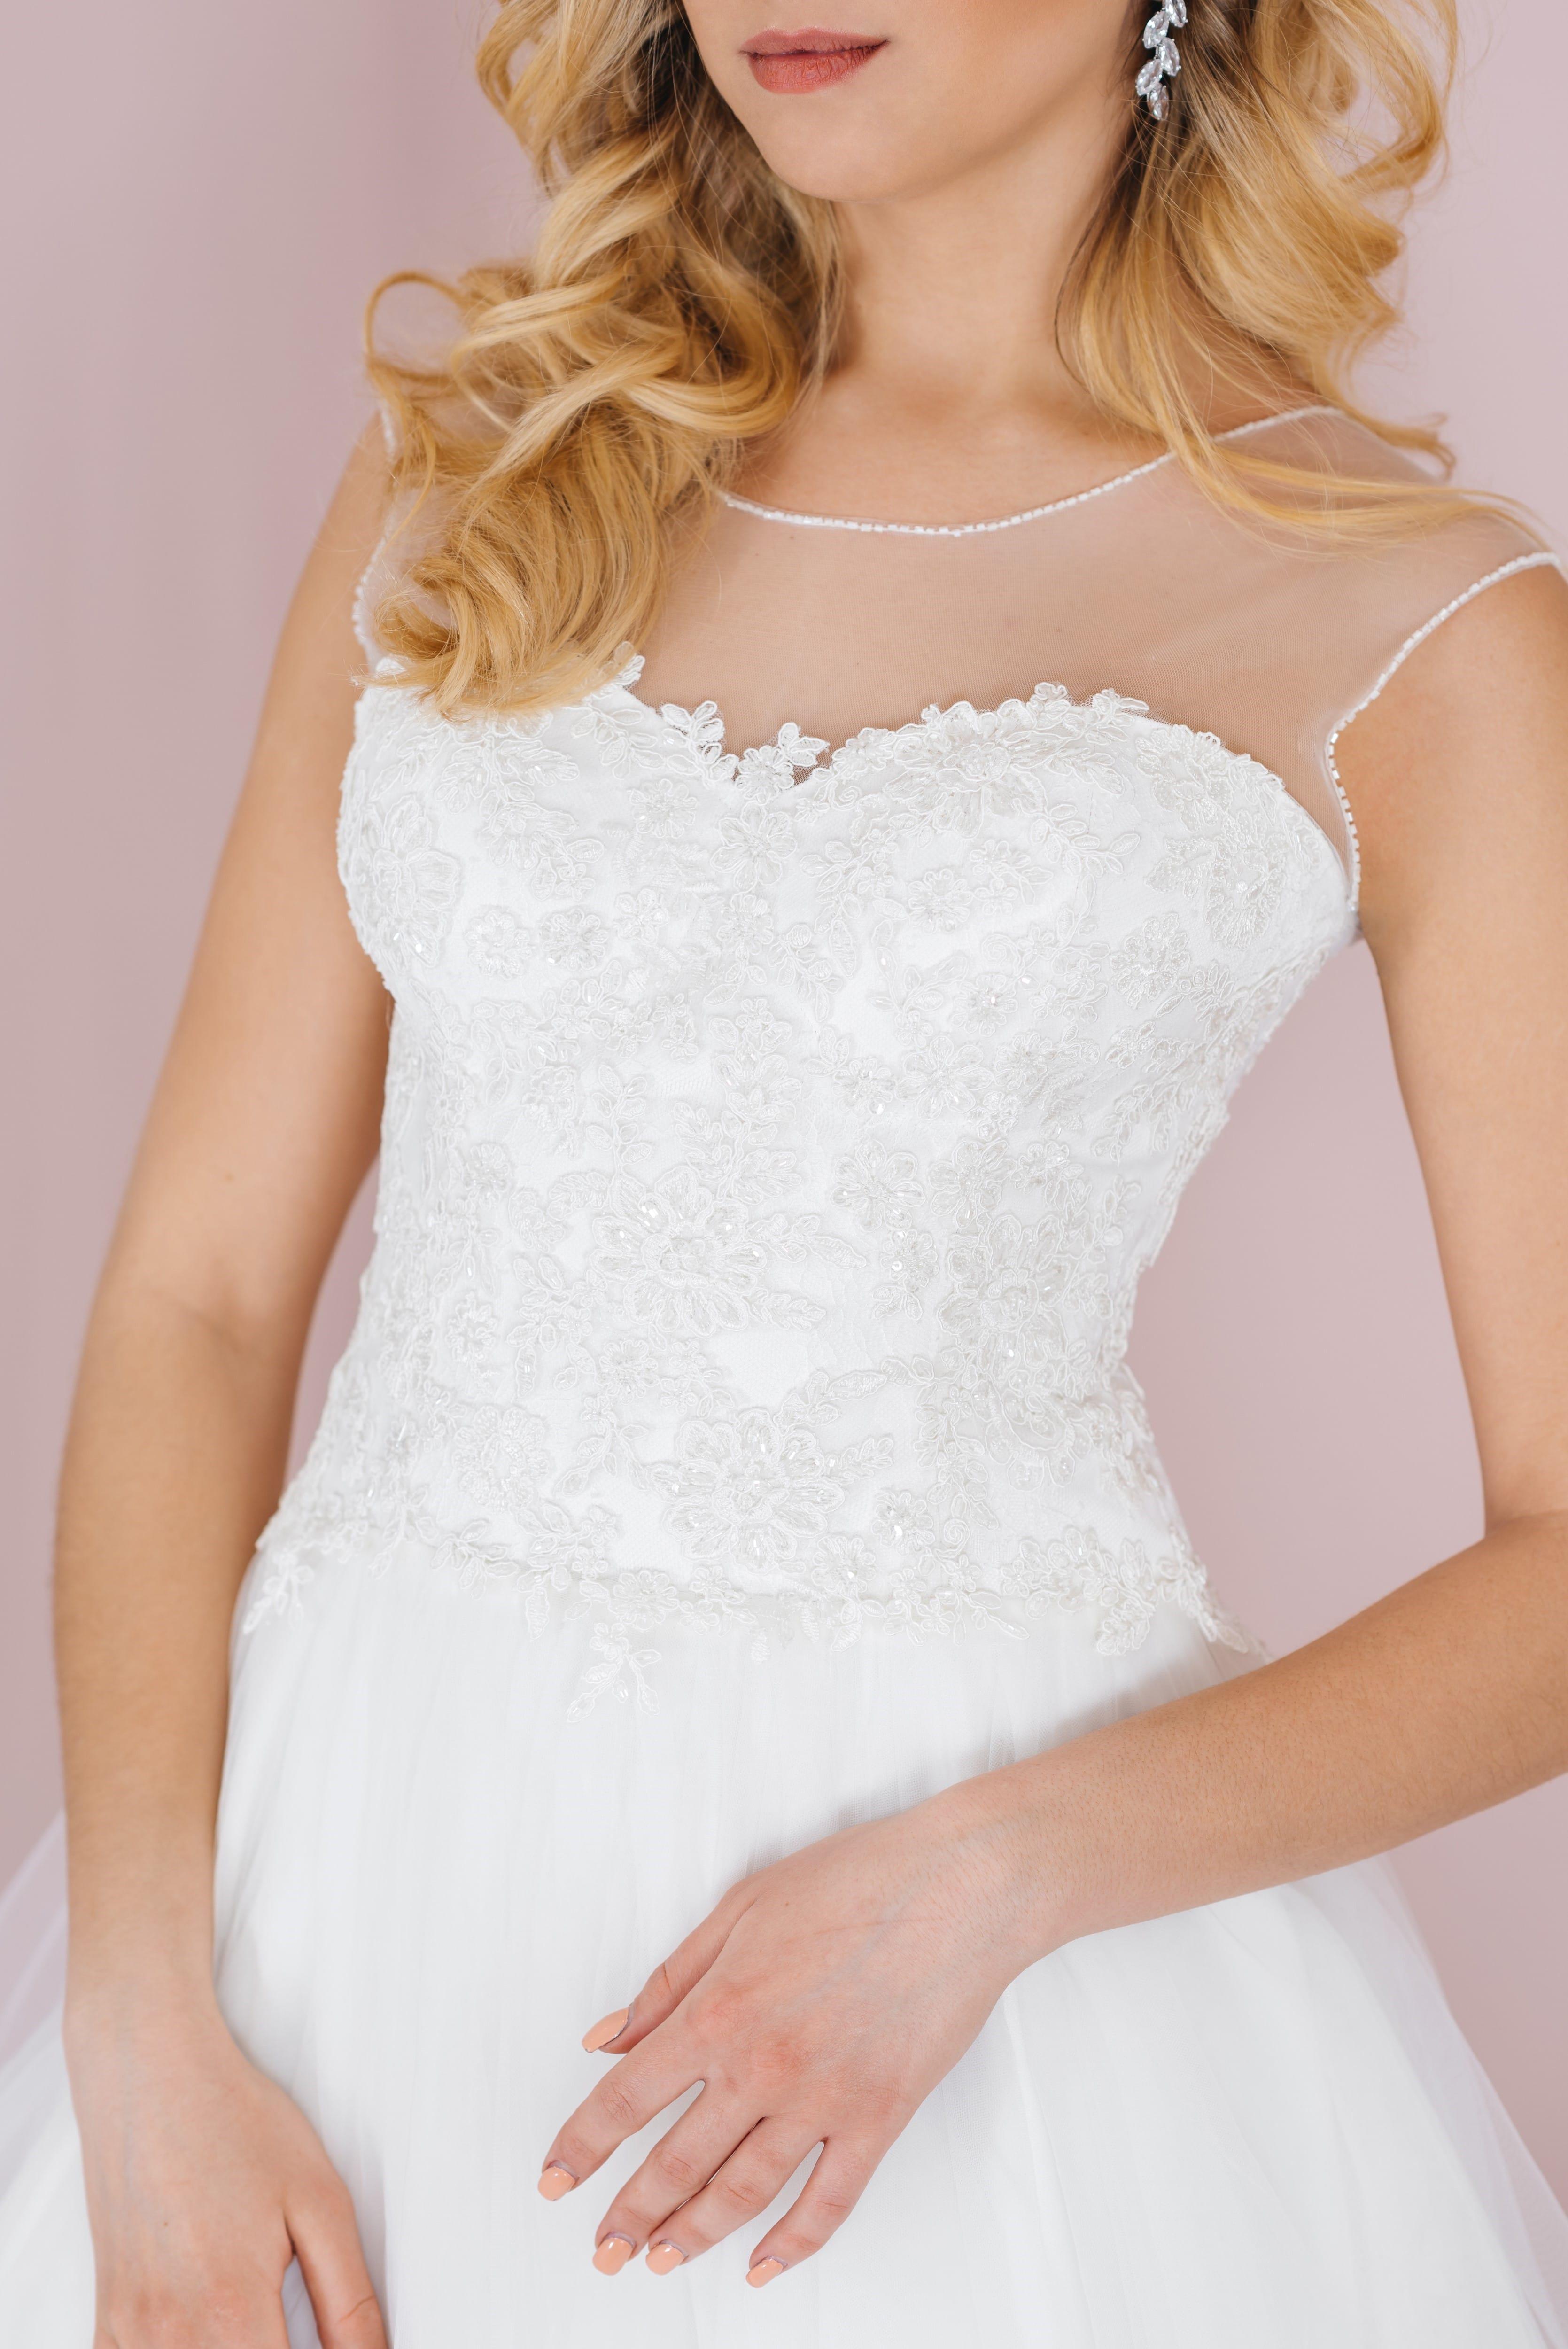 Свадебное платье GRACE, коллекция LOFT, бренд RARE BRIDAL, фото 4